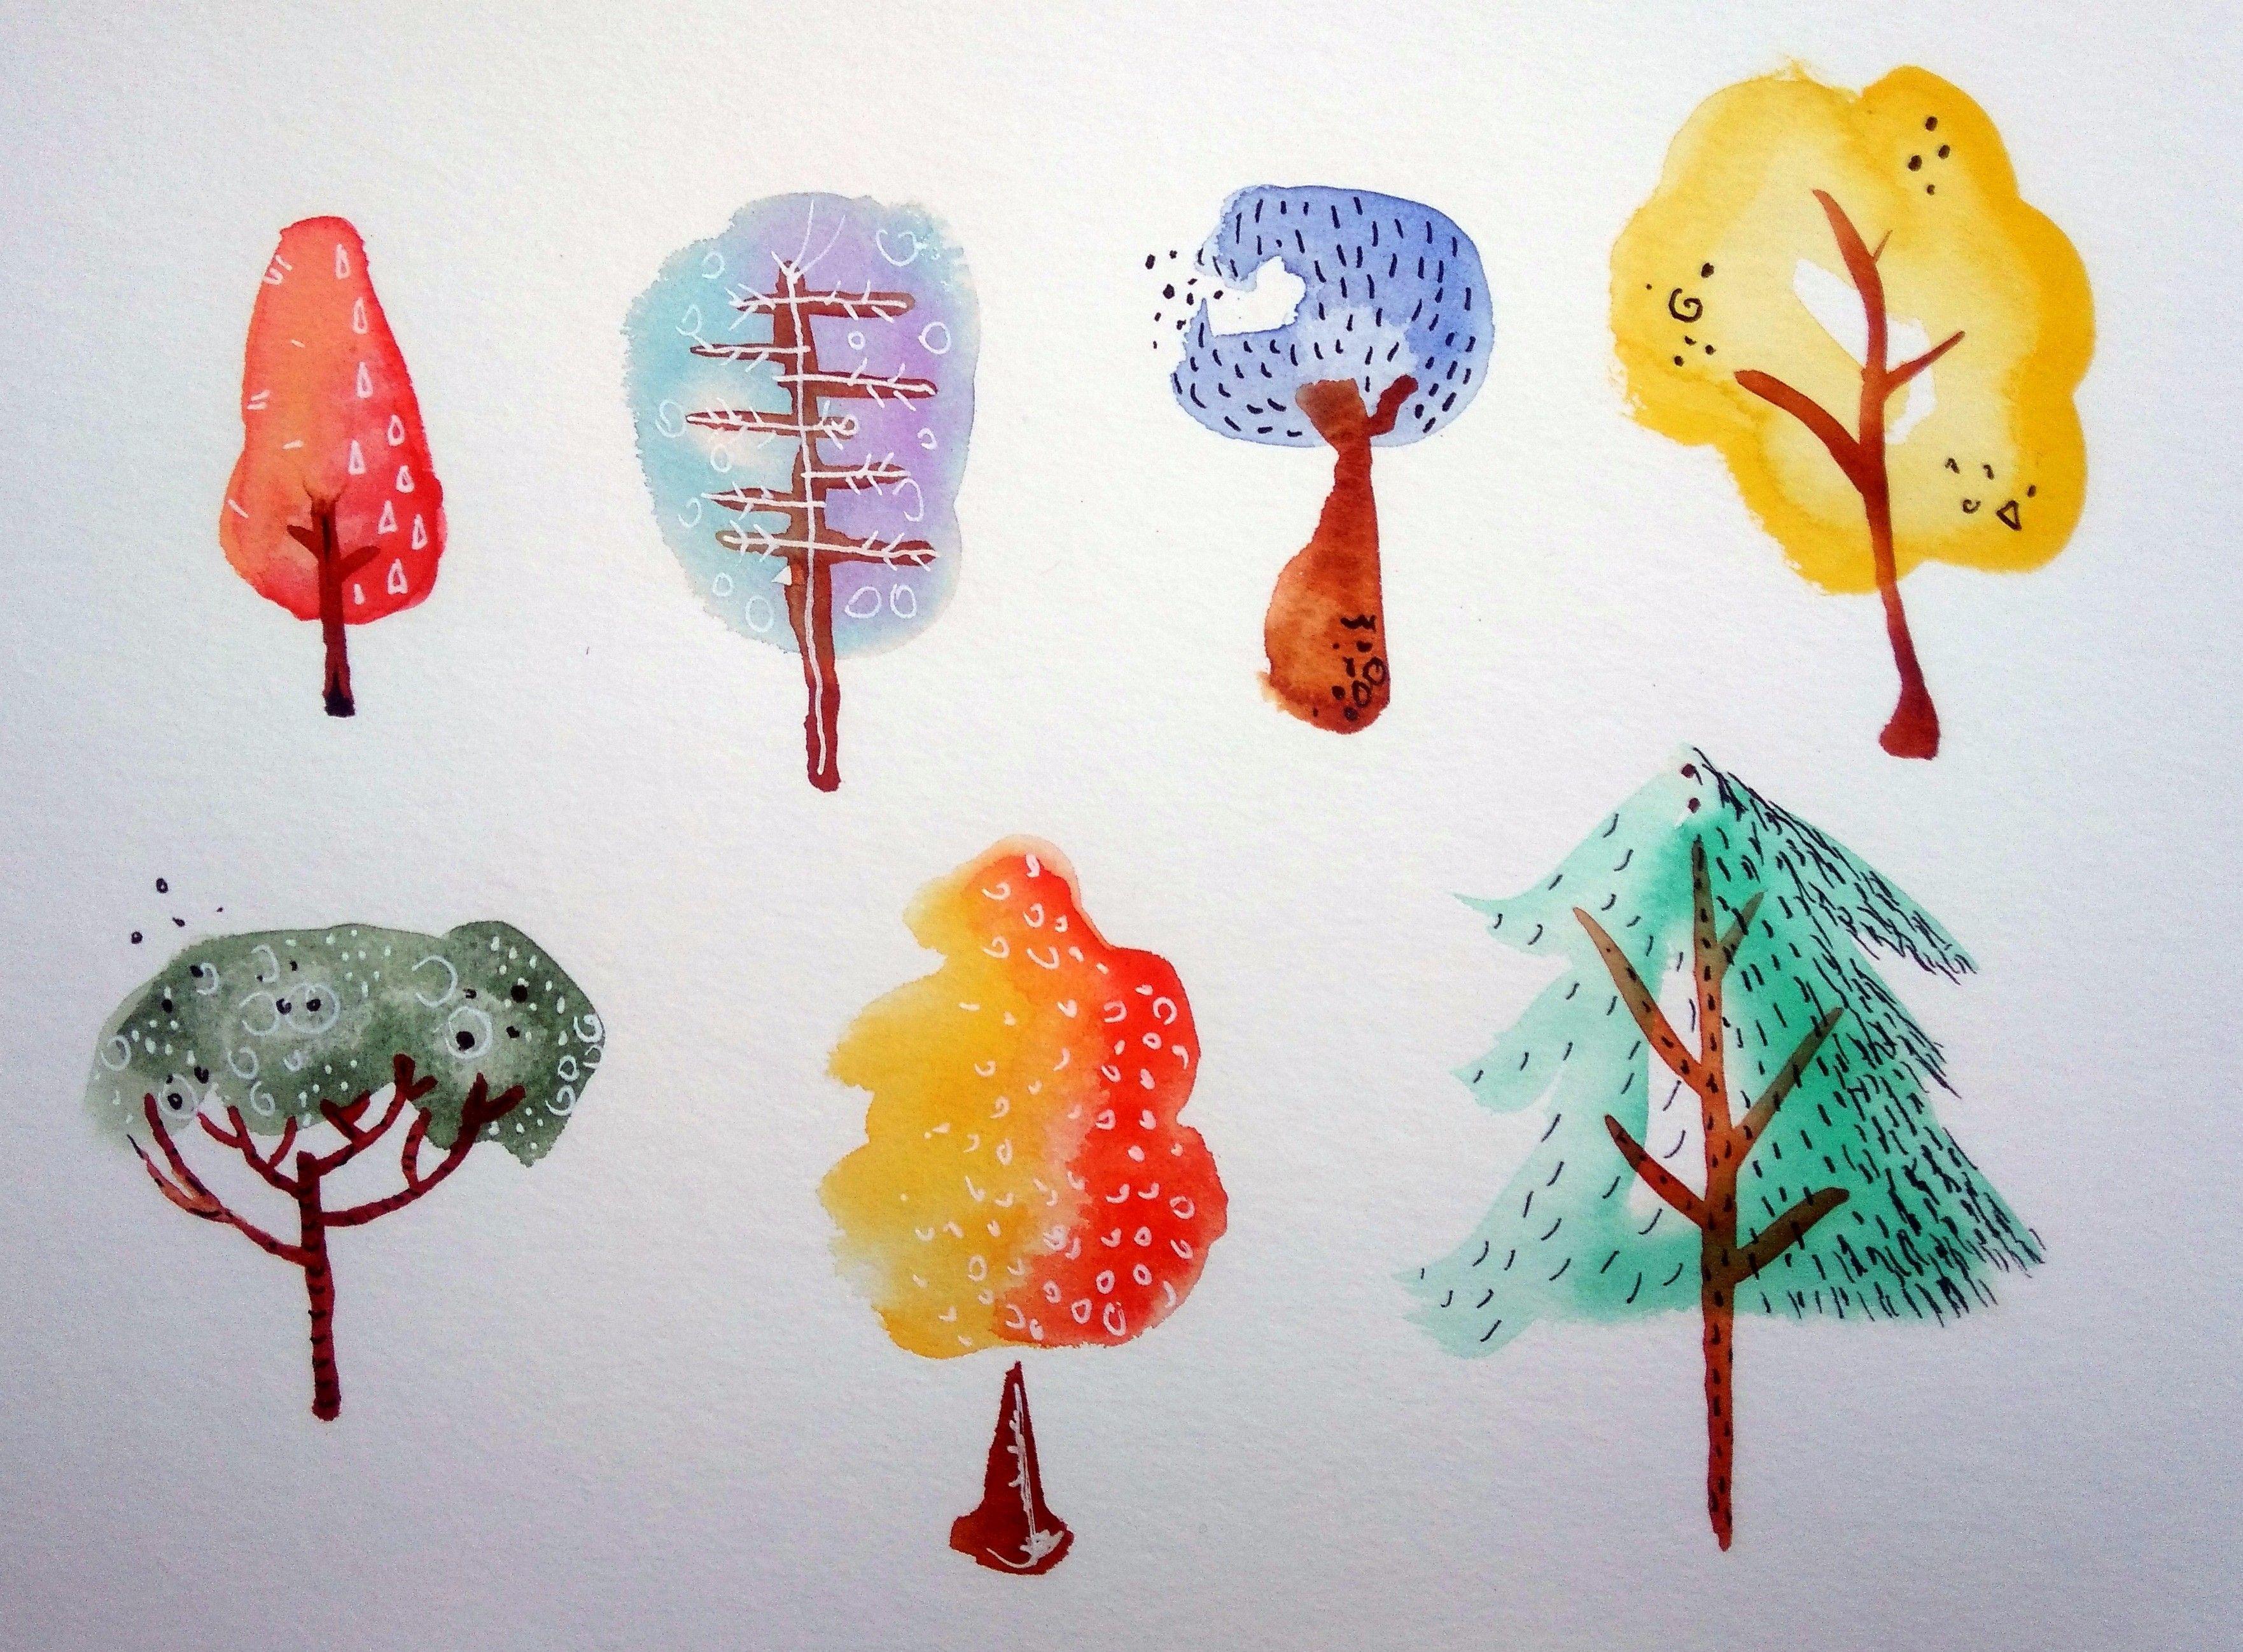 Bäume malen Tutorial: Schnell, einfach, fröhlich ...